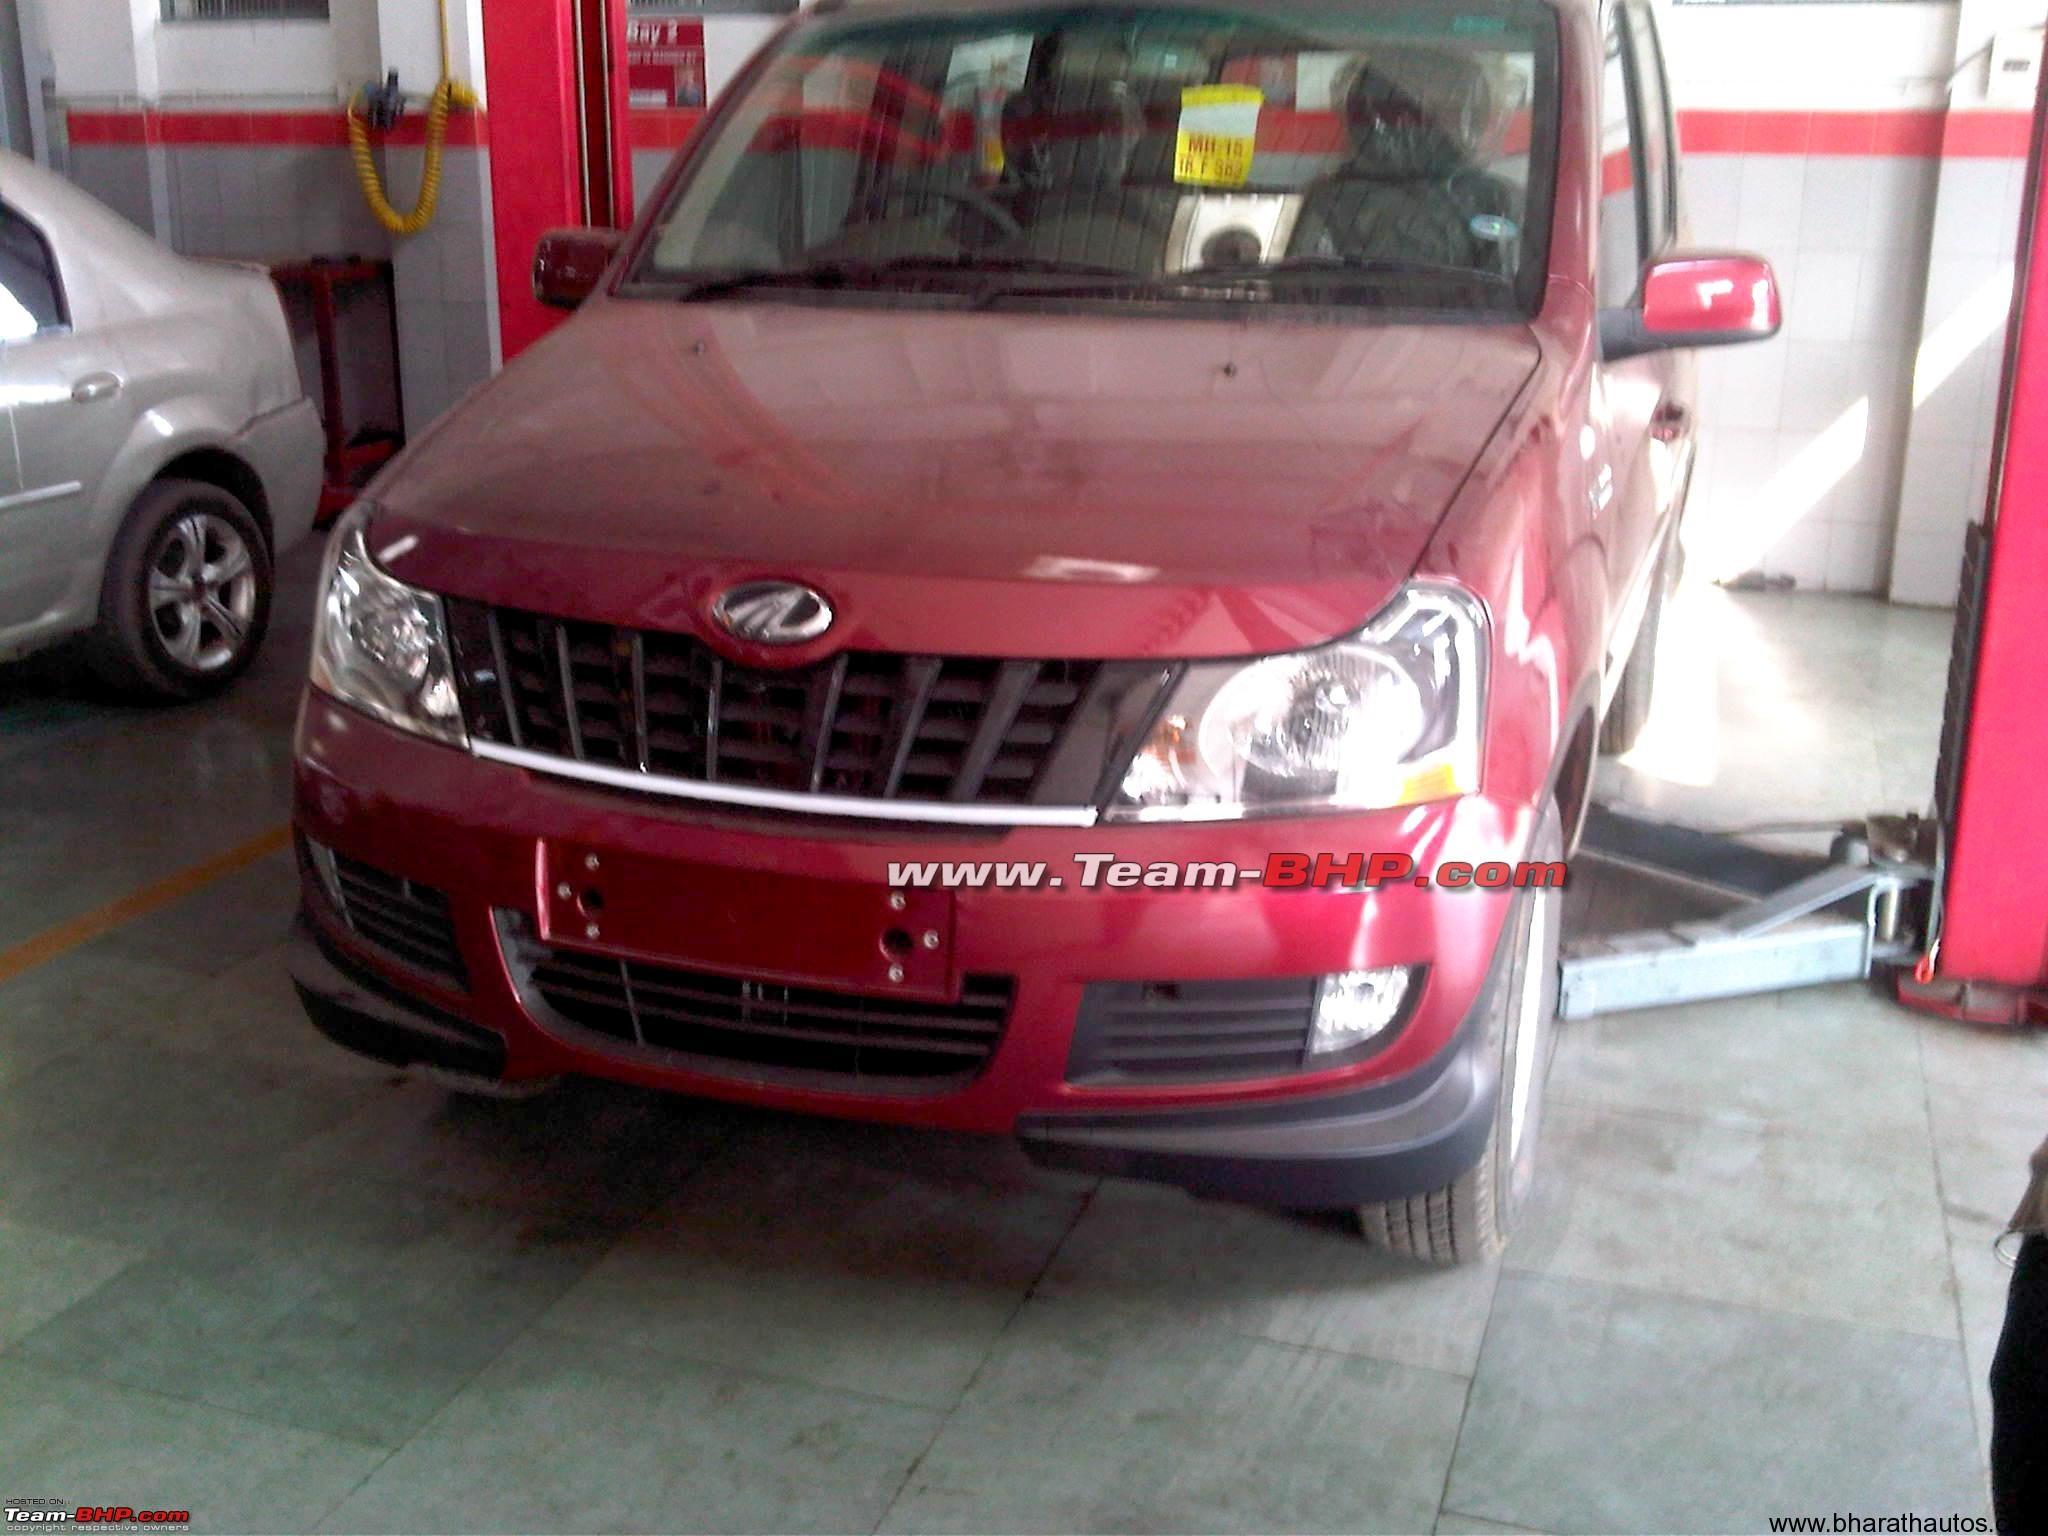 Mahindra Xylo facelift